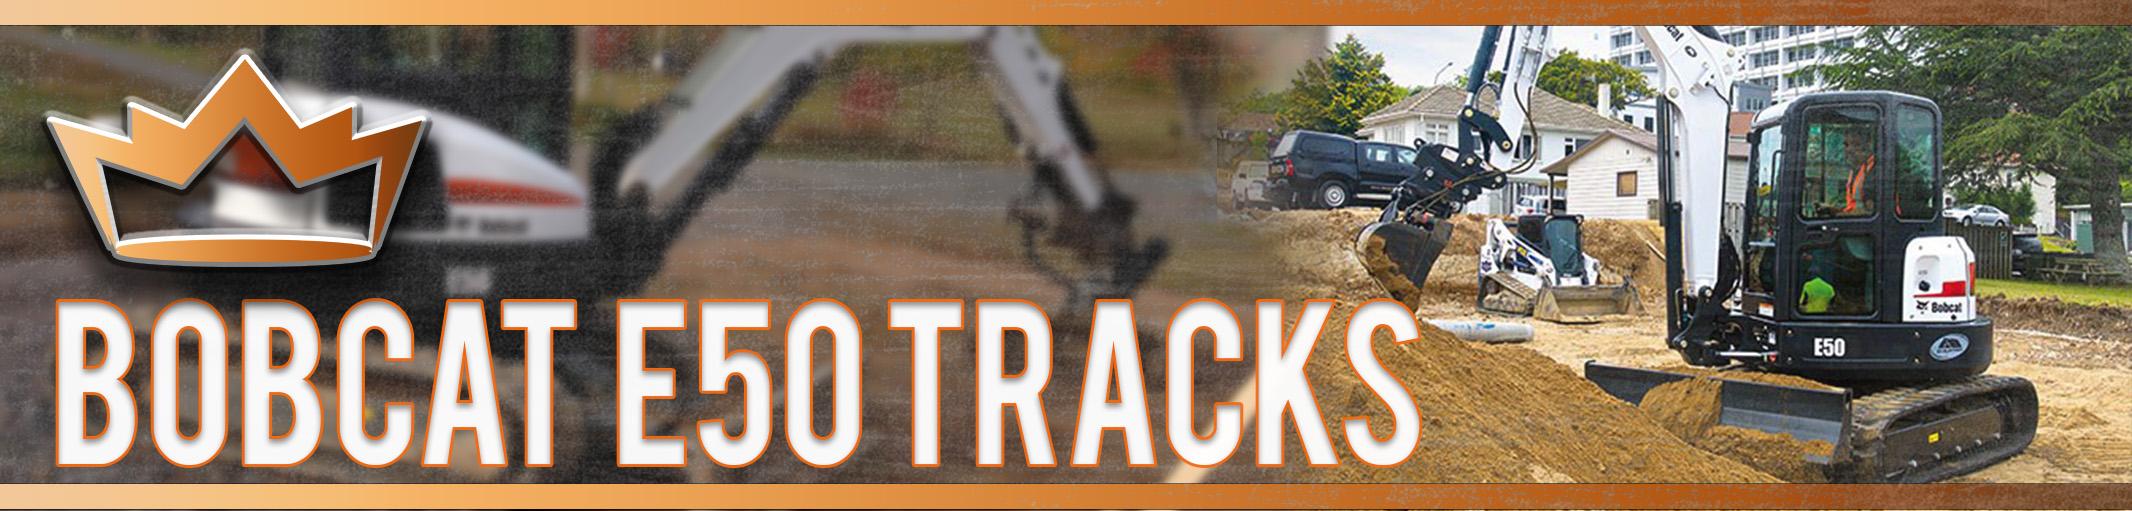 Bobcat E50 Tracks